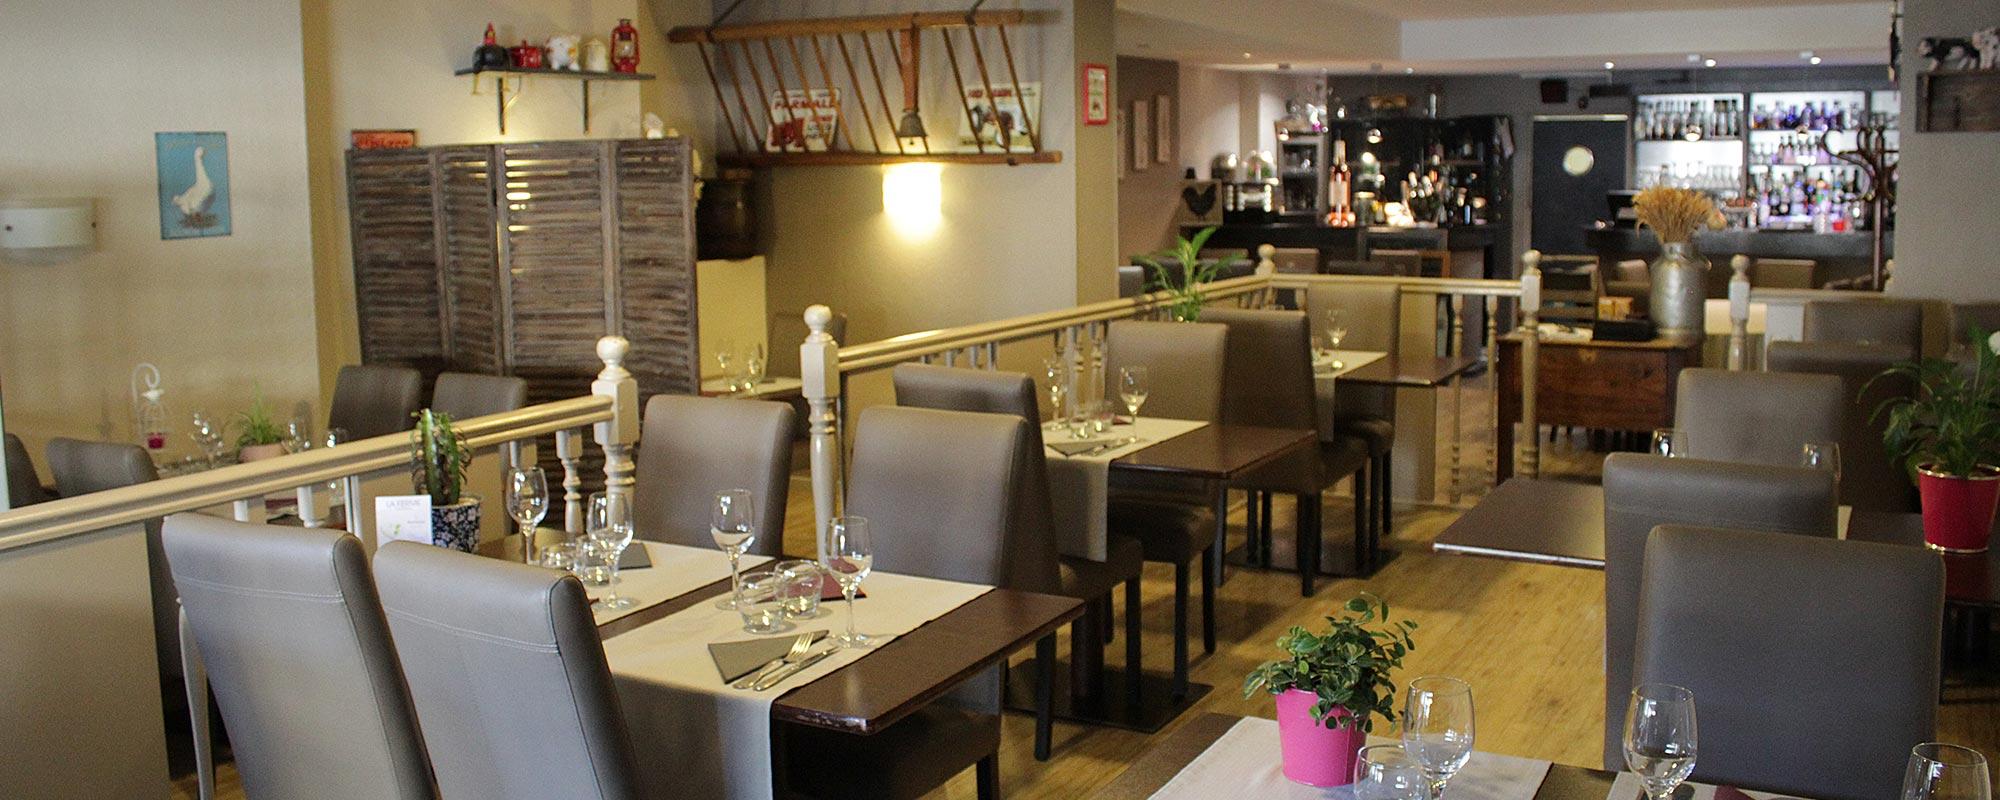 Restaurant La Ferme à Angers